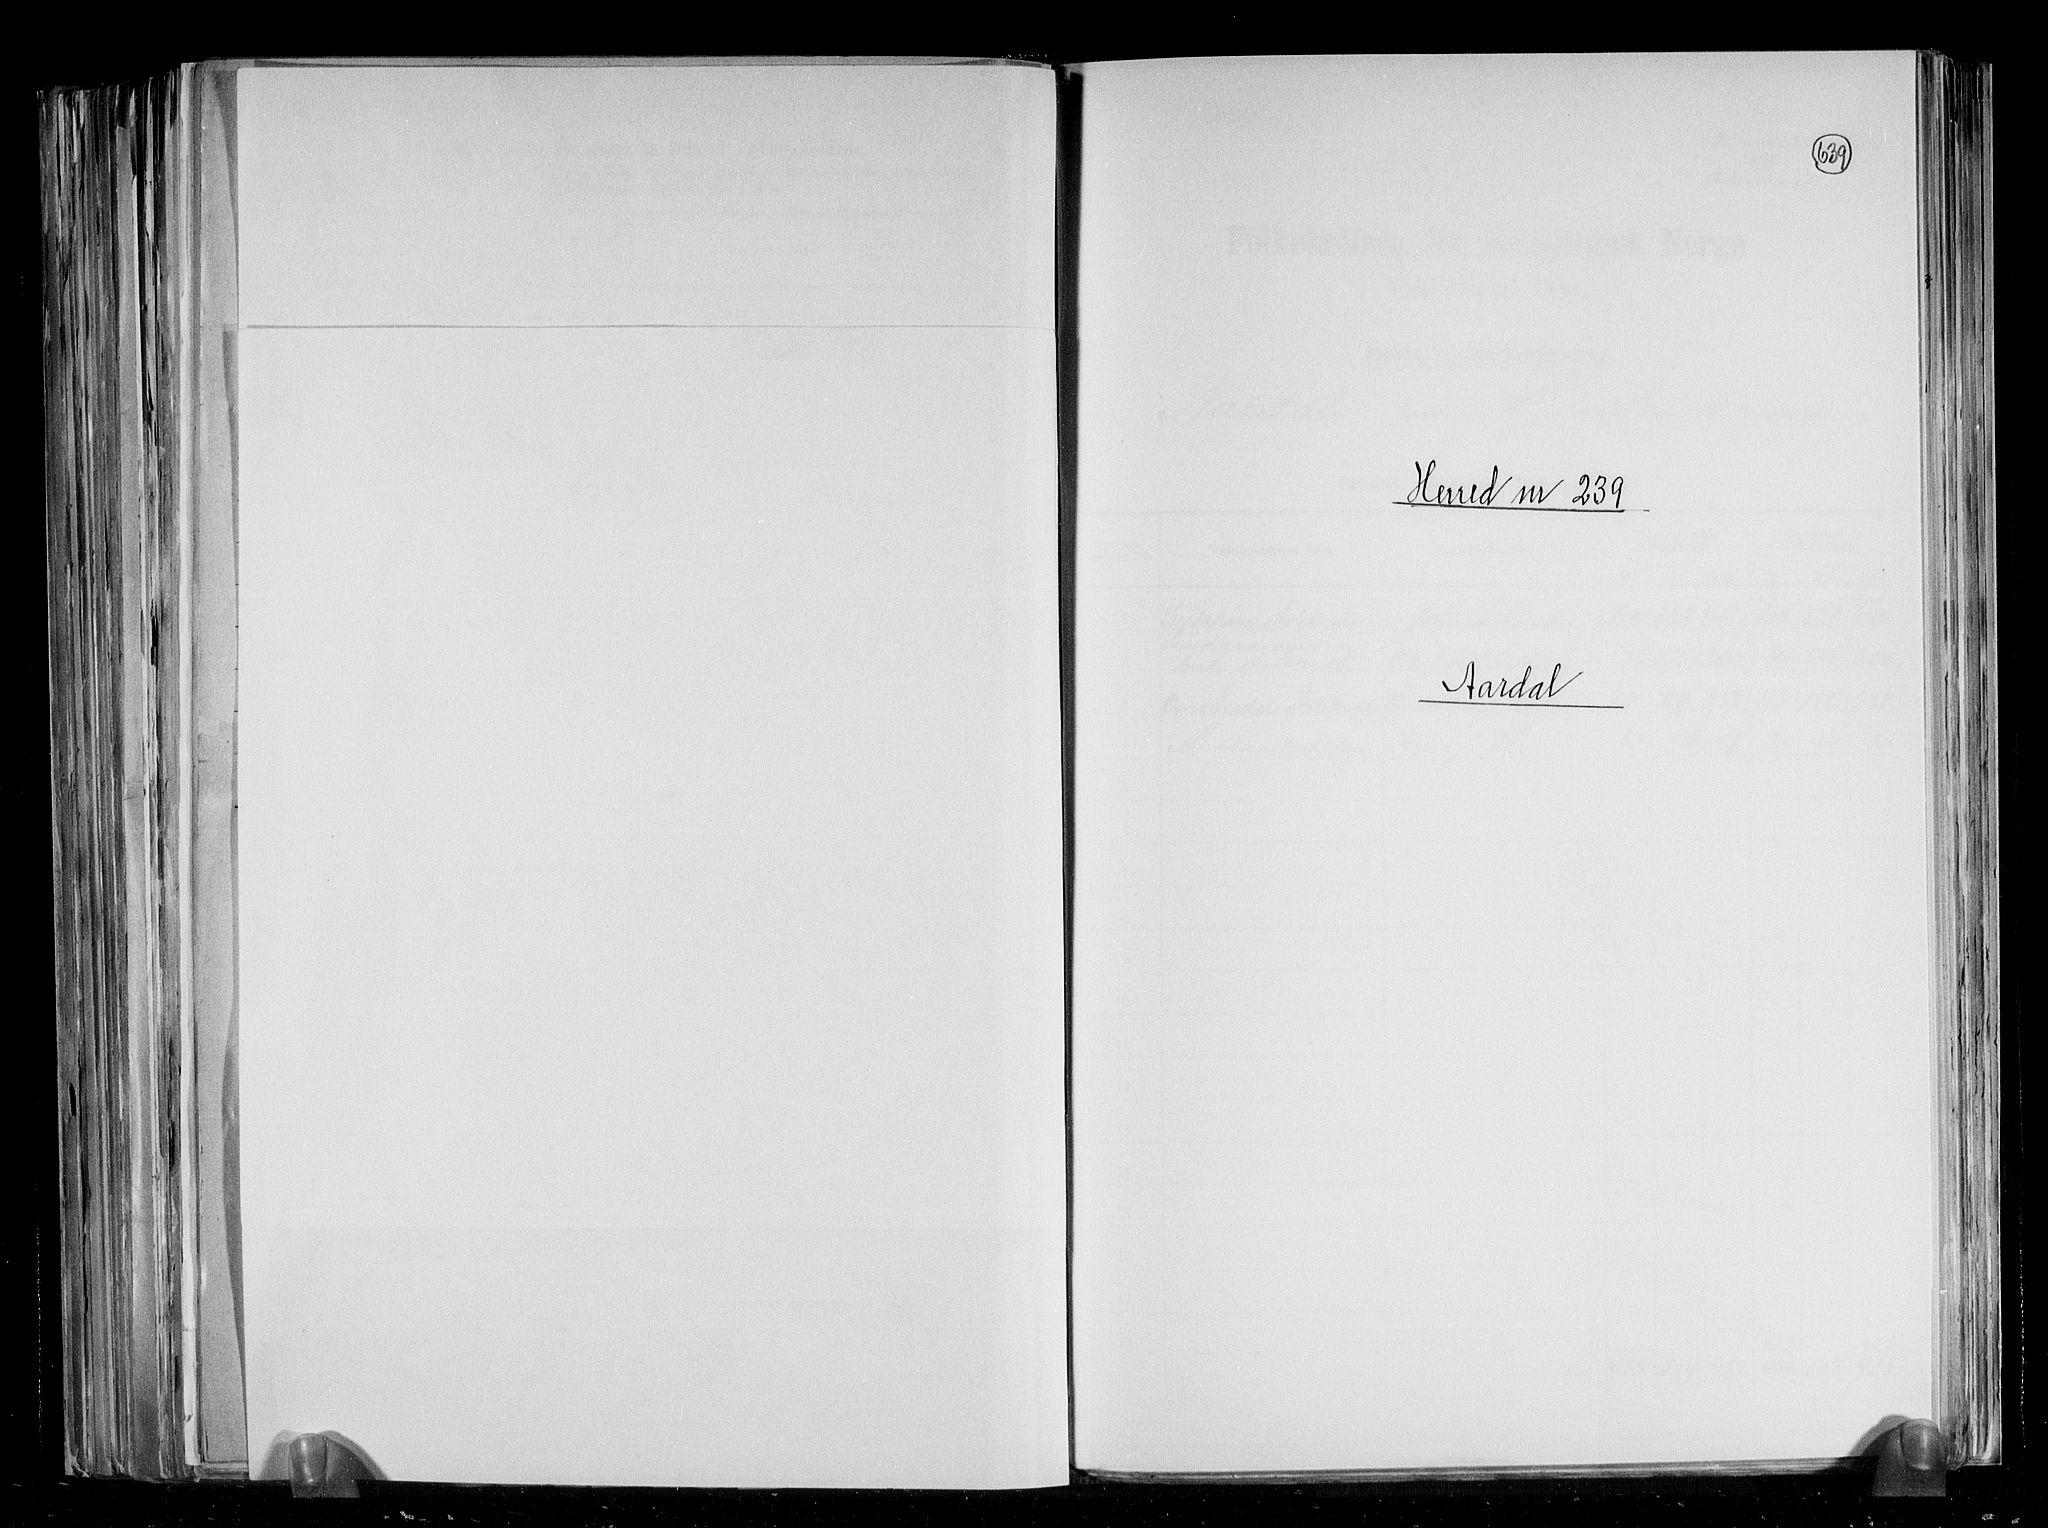 RA, Folketelling 1891 for 1131 Årdal herred, 1891, s. 1